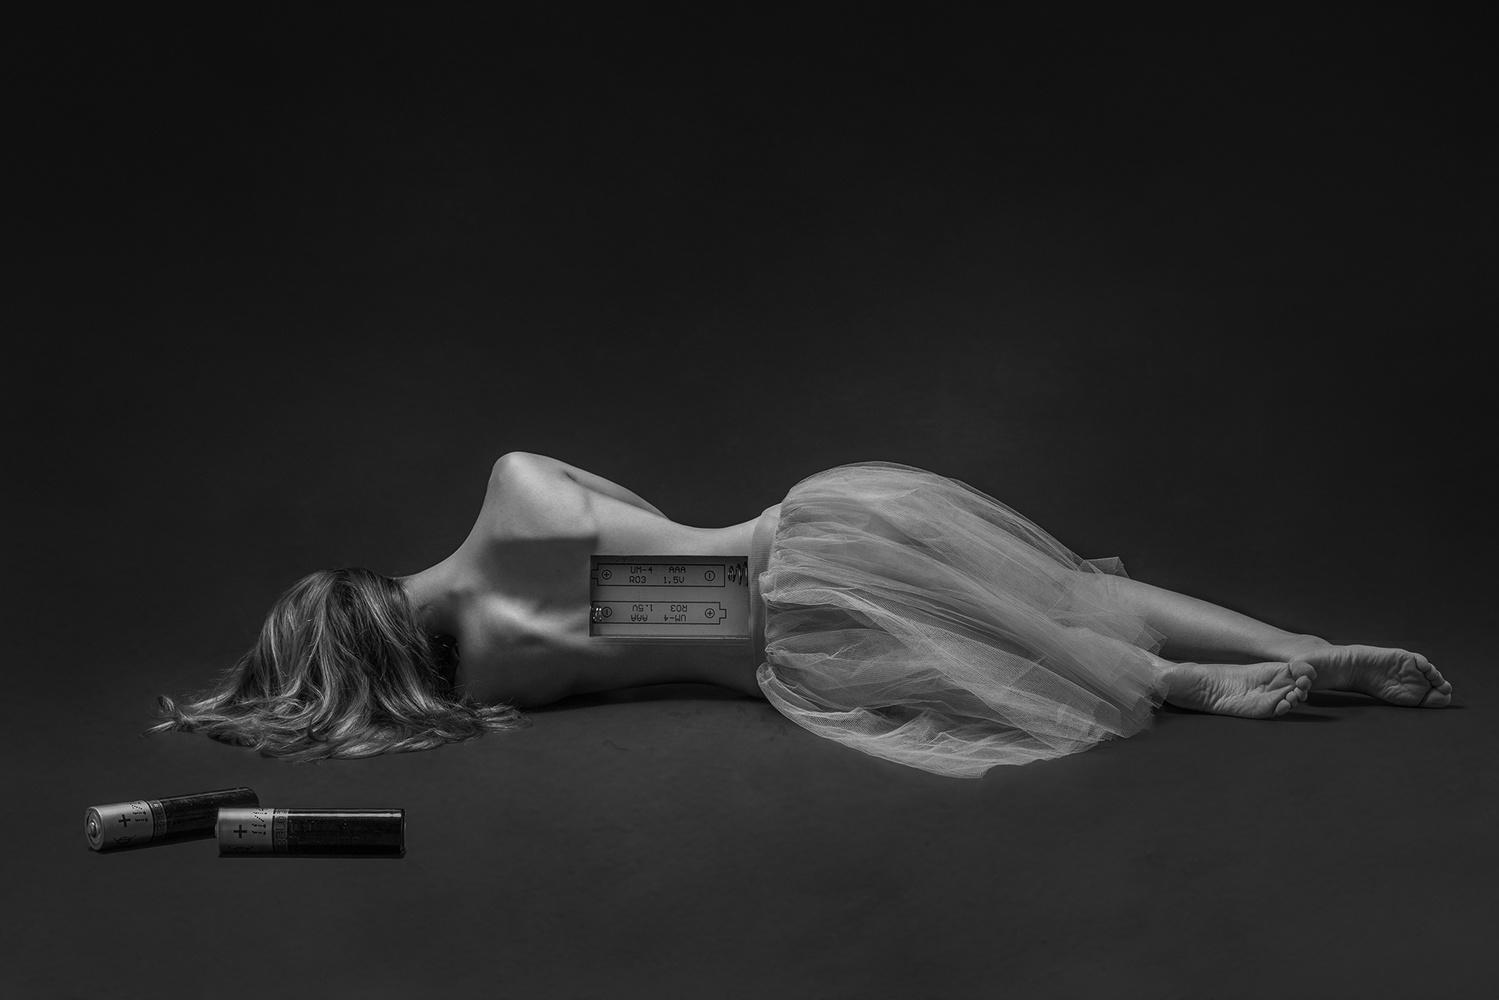 Powerless by Teodora Dimitrova